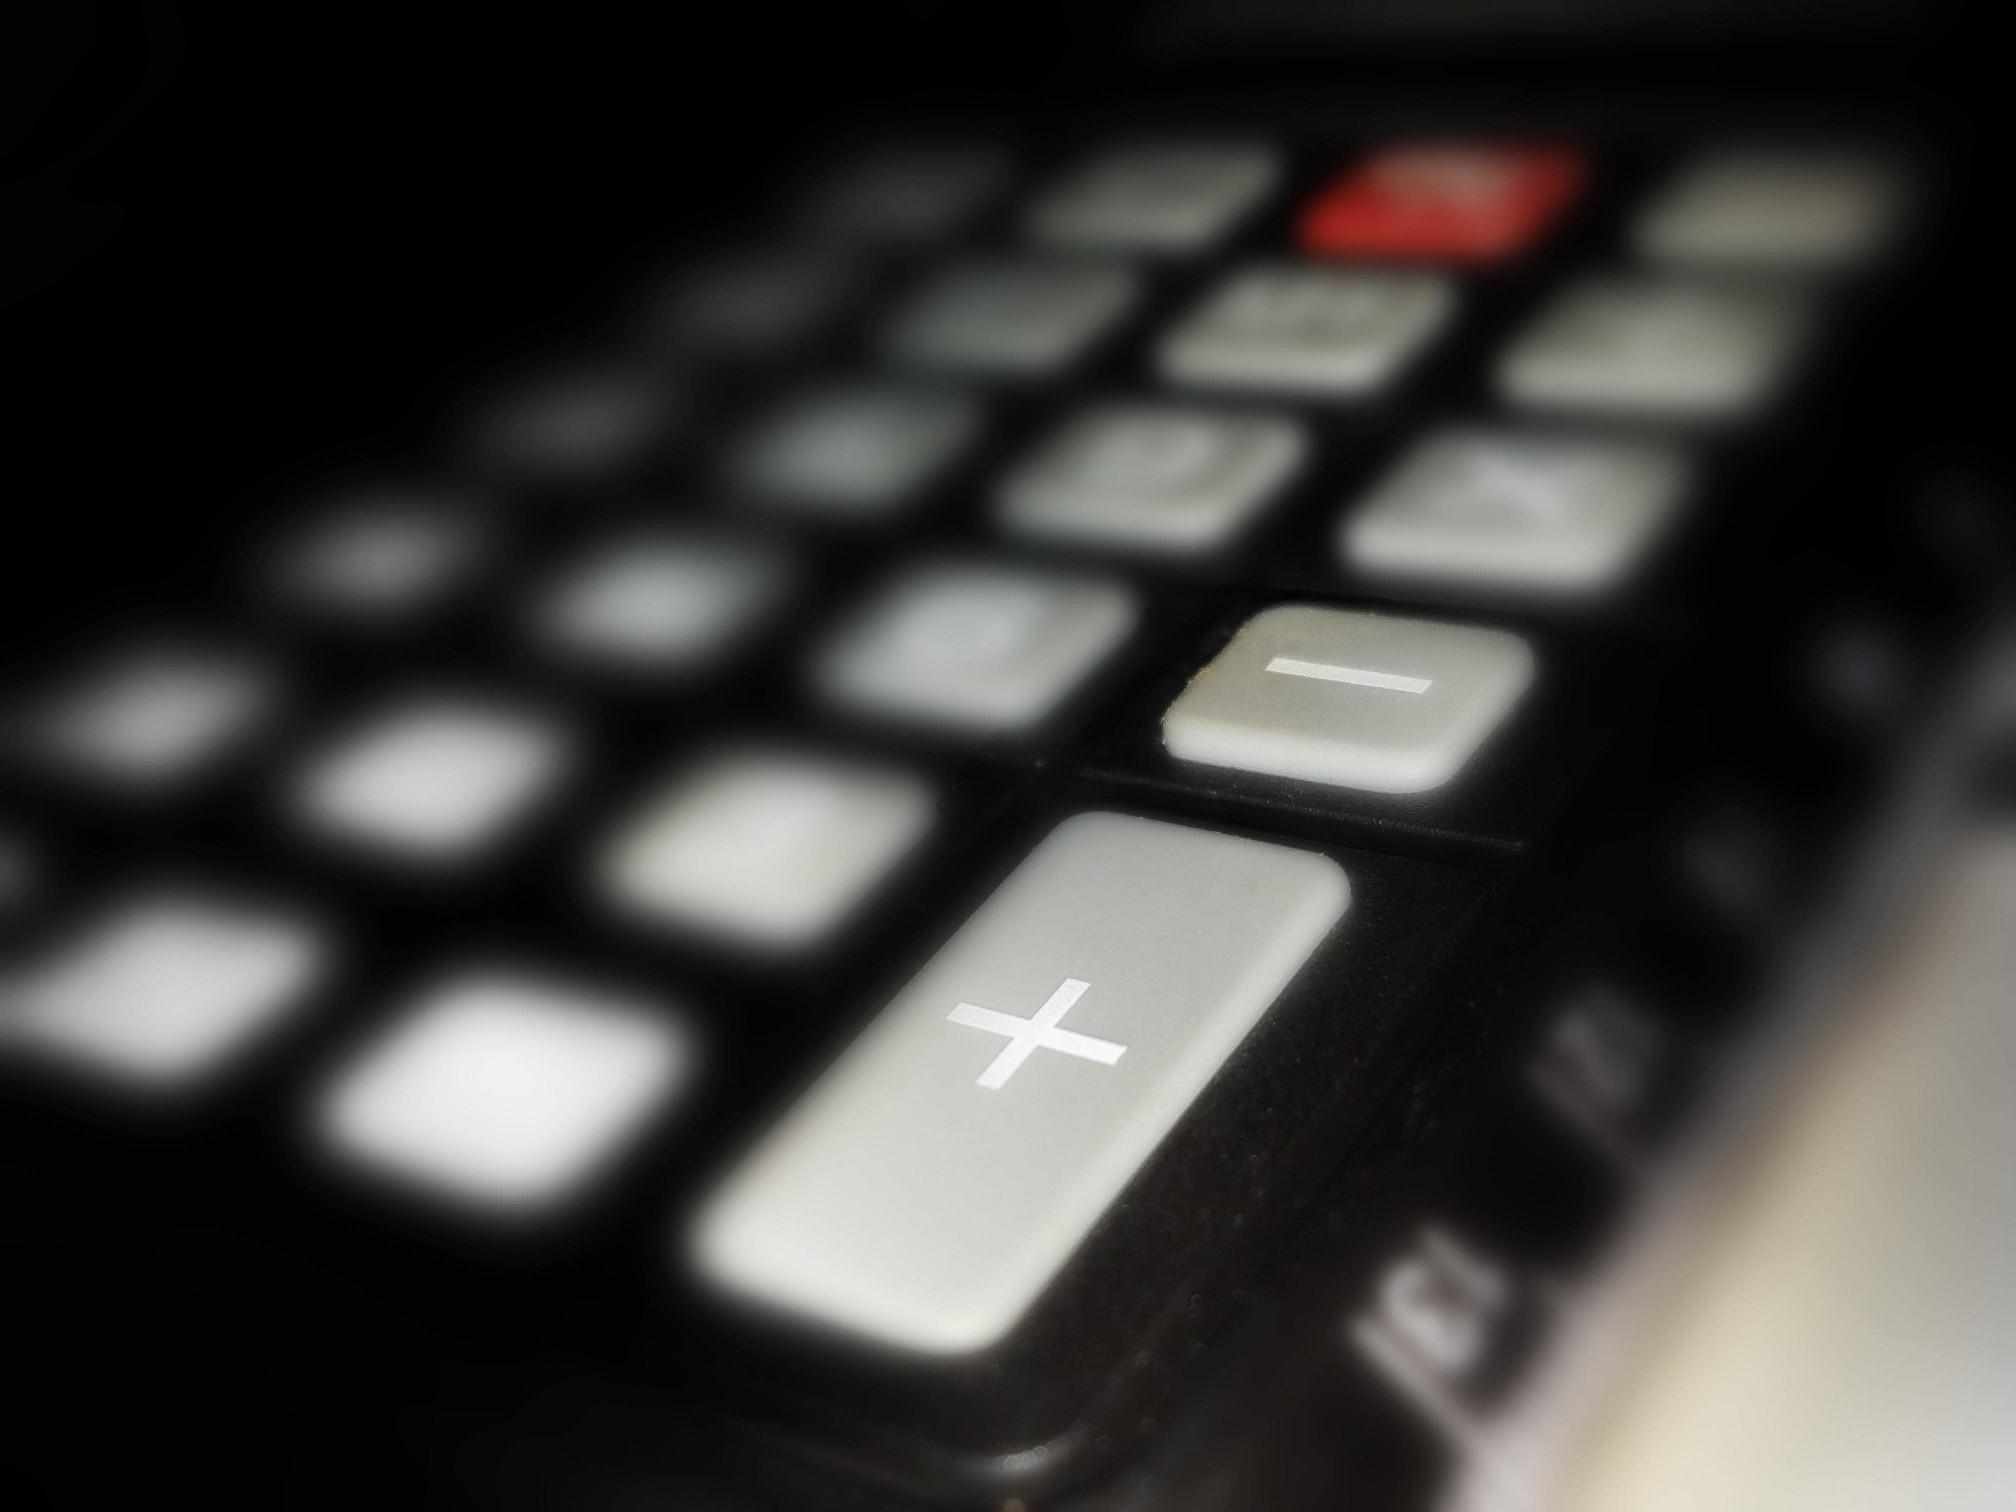 un clavier où les touches servant aux opérations mathématiques sont mises en avant